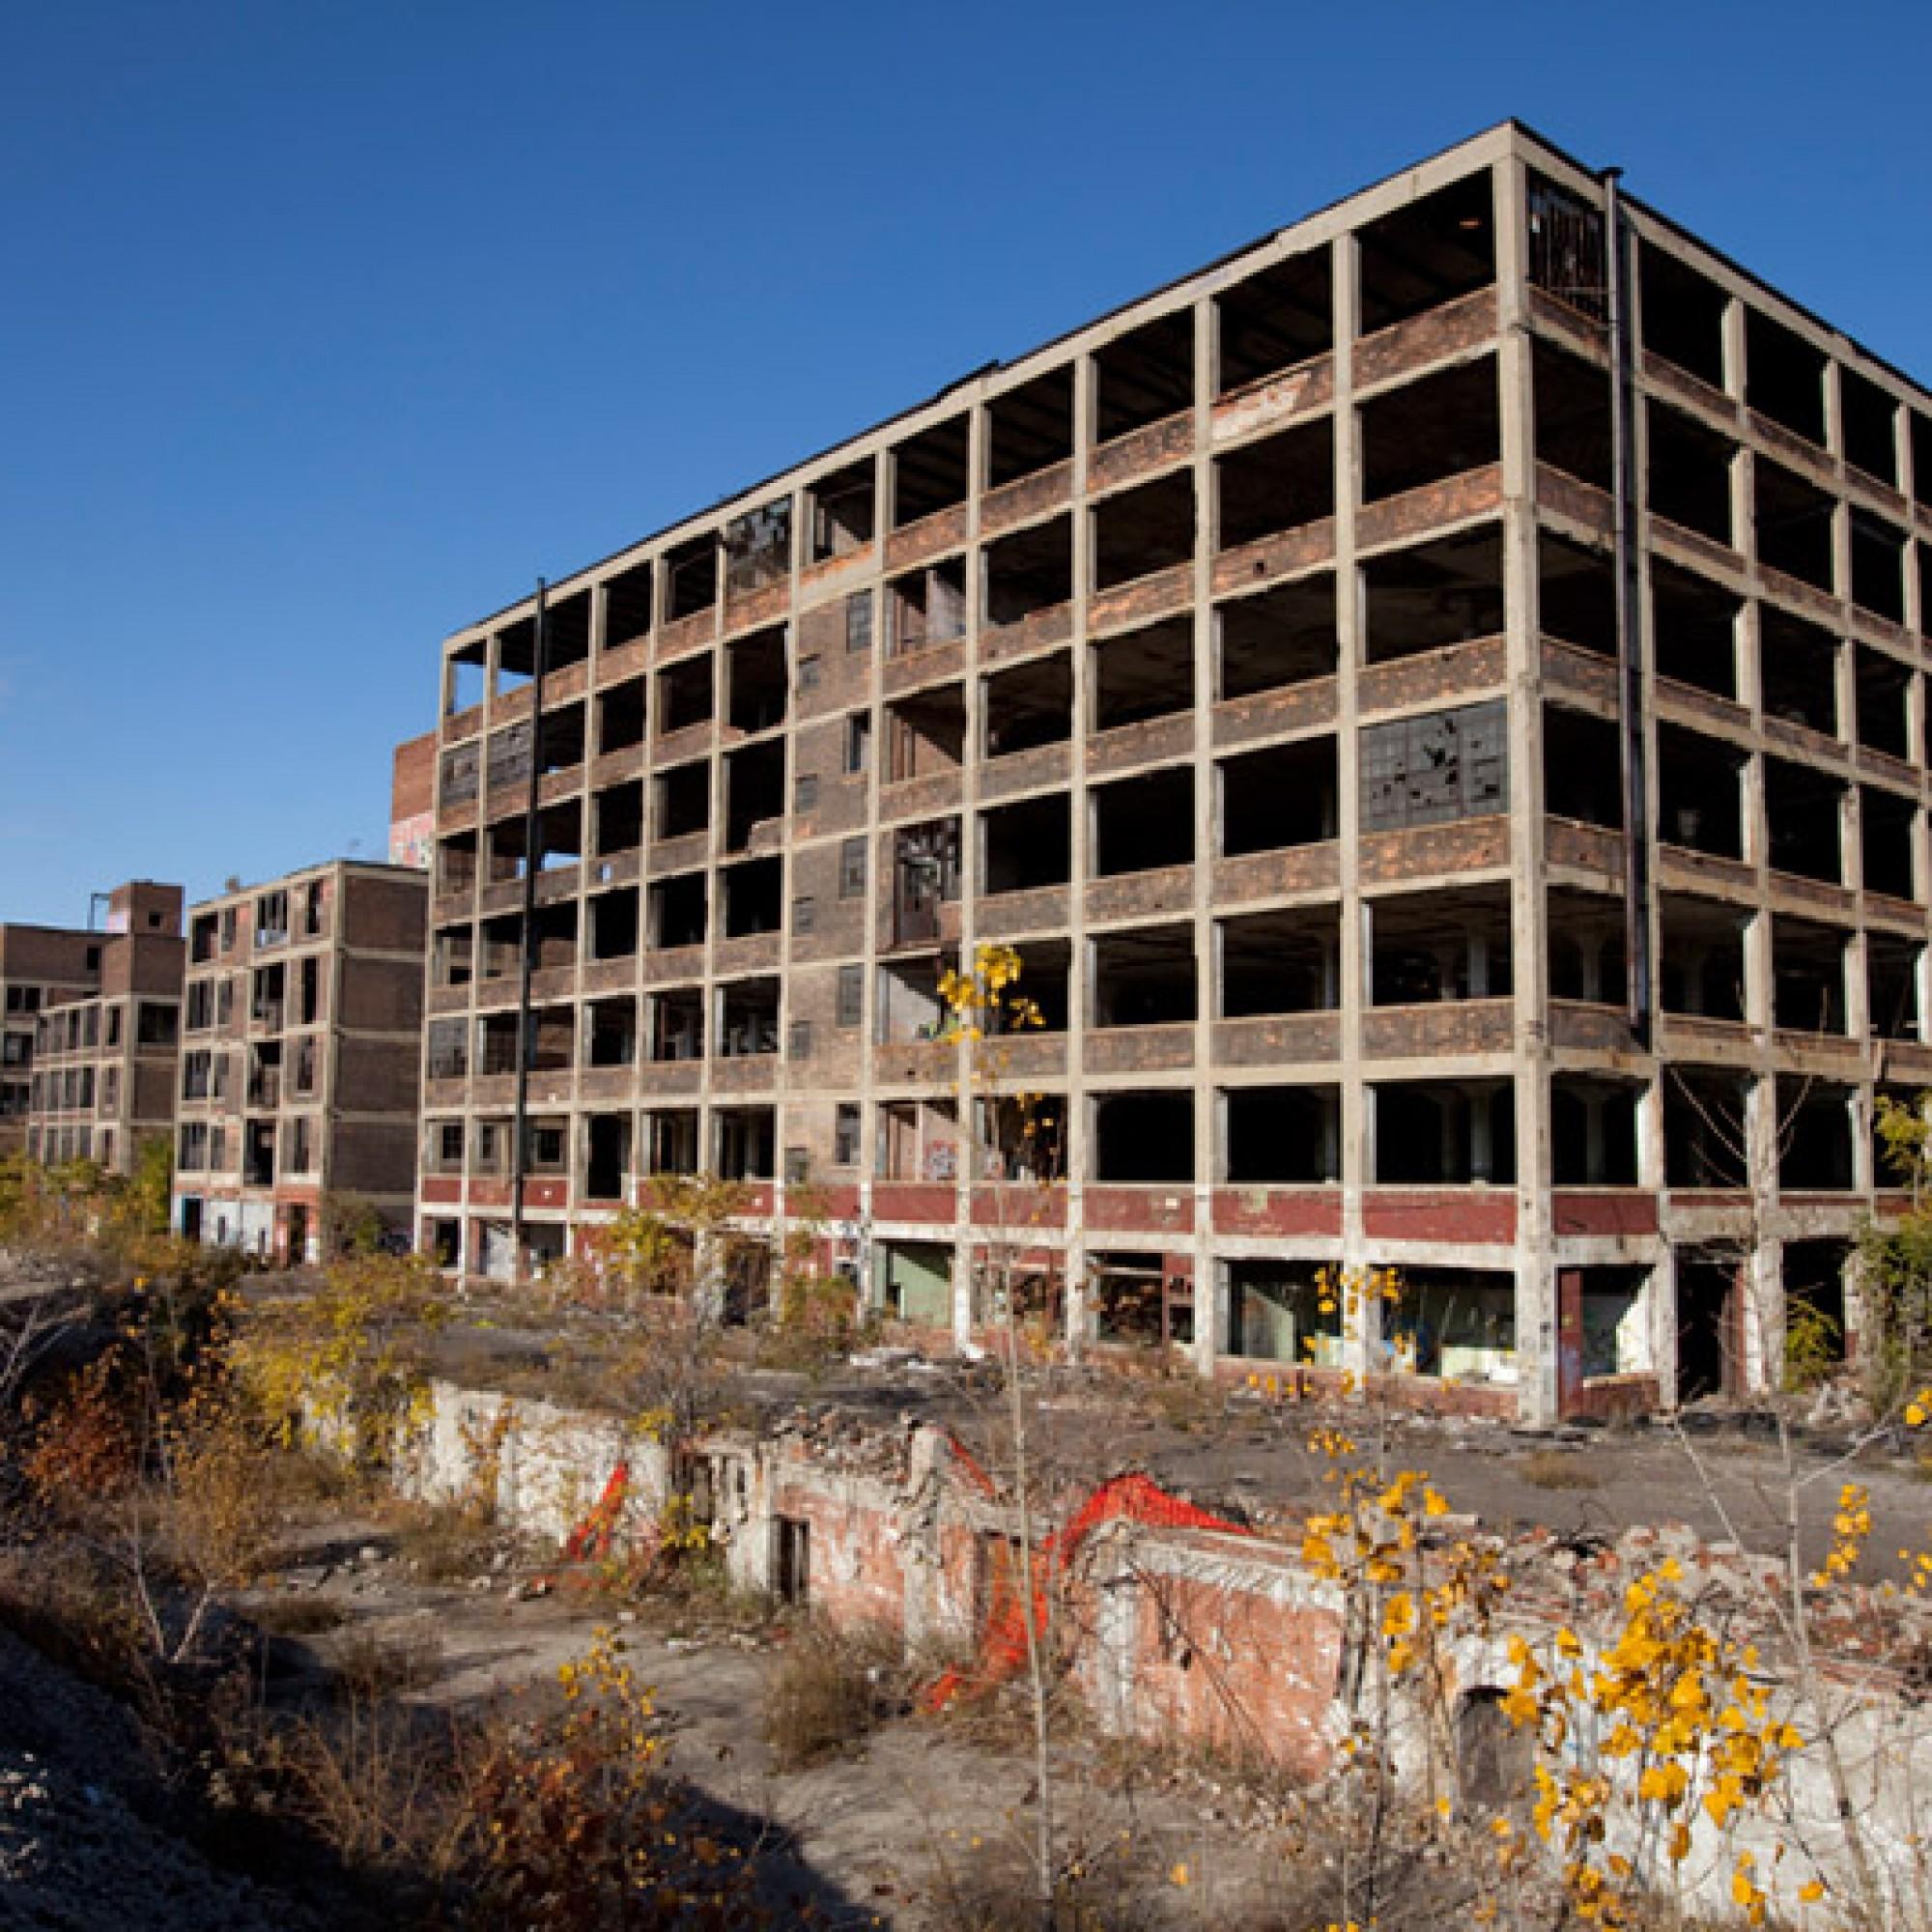 Noch ist die Anlage eine Ruine. (Albert duce, wikimdedia, CC)